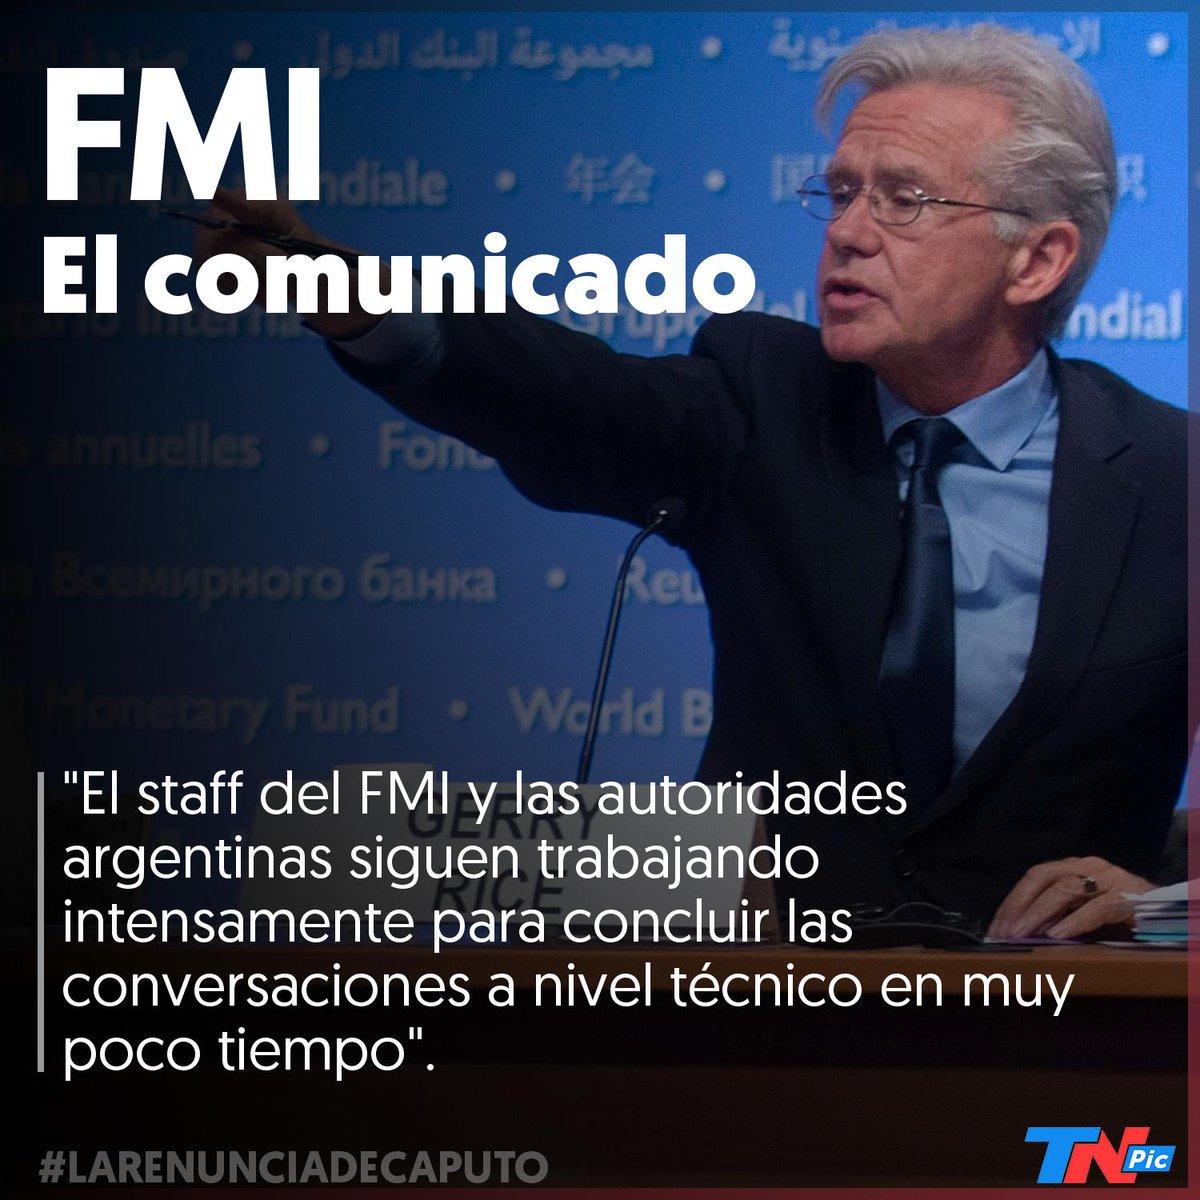 El FMI ratificó las negociaciones y apoyó al nuevo presidente del BCRA: 'Tomamos nota de los anuncios de hoy sobre el cambio en el Banco Central de Argentina. Esperamos continuar nuestra estrecha y constructiva relación con el BCRA bajo el liderazgo de Guido Sandleris'